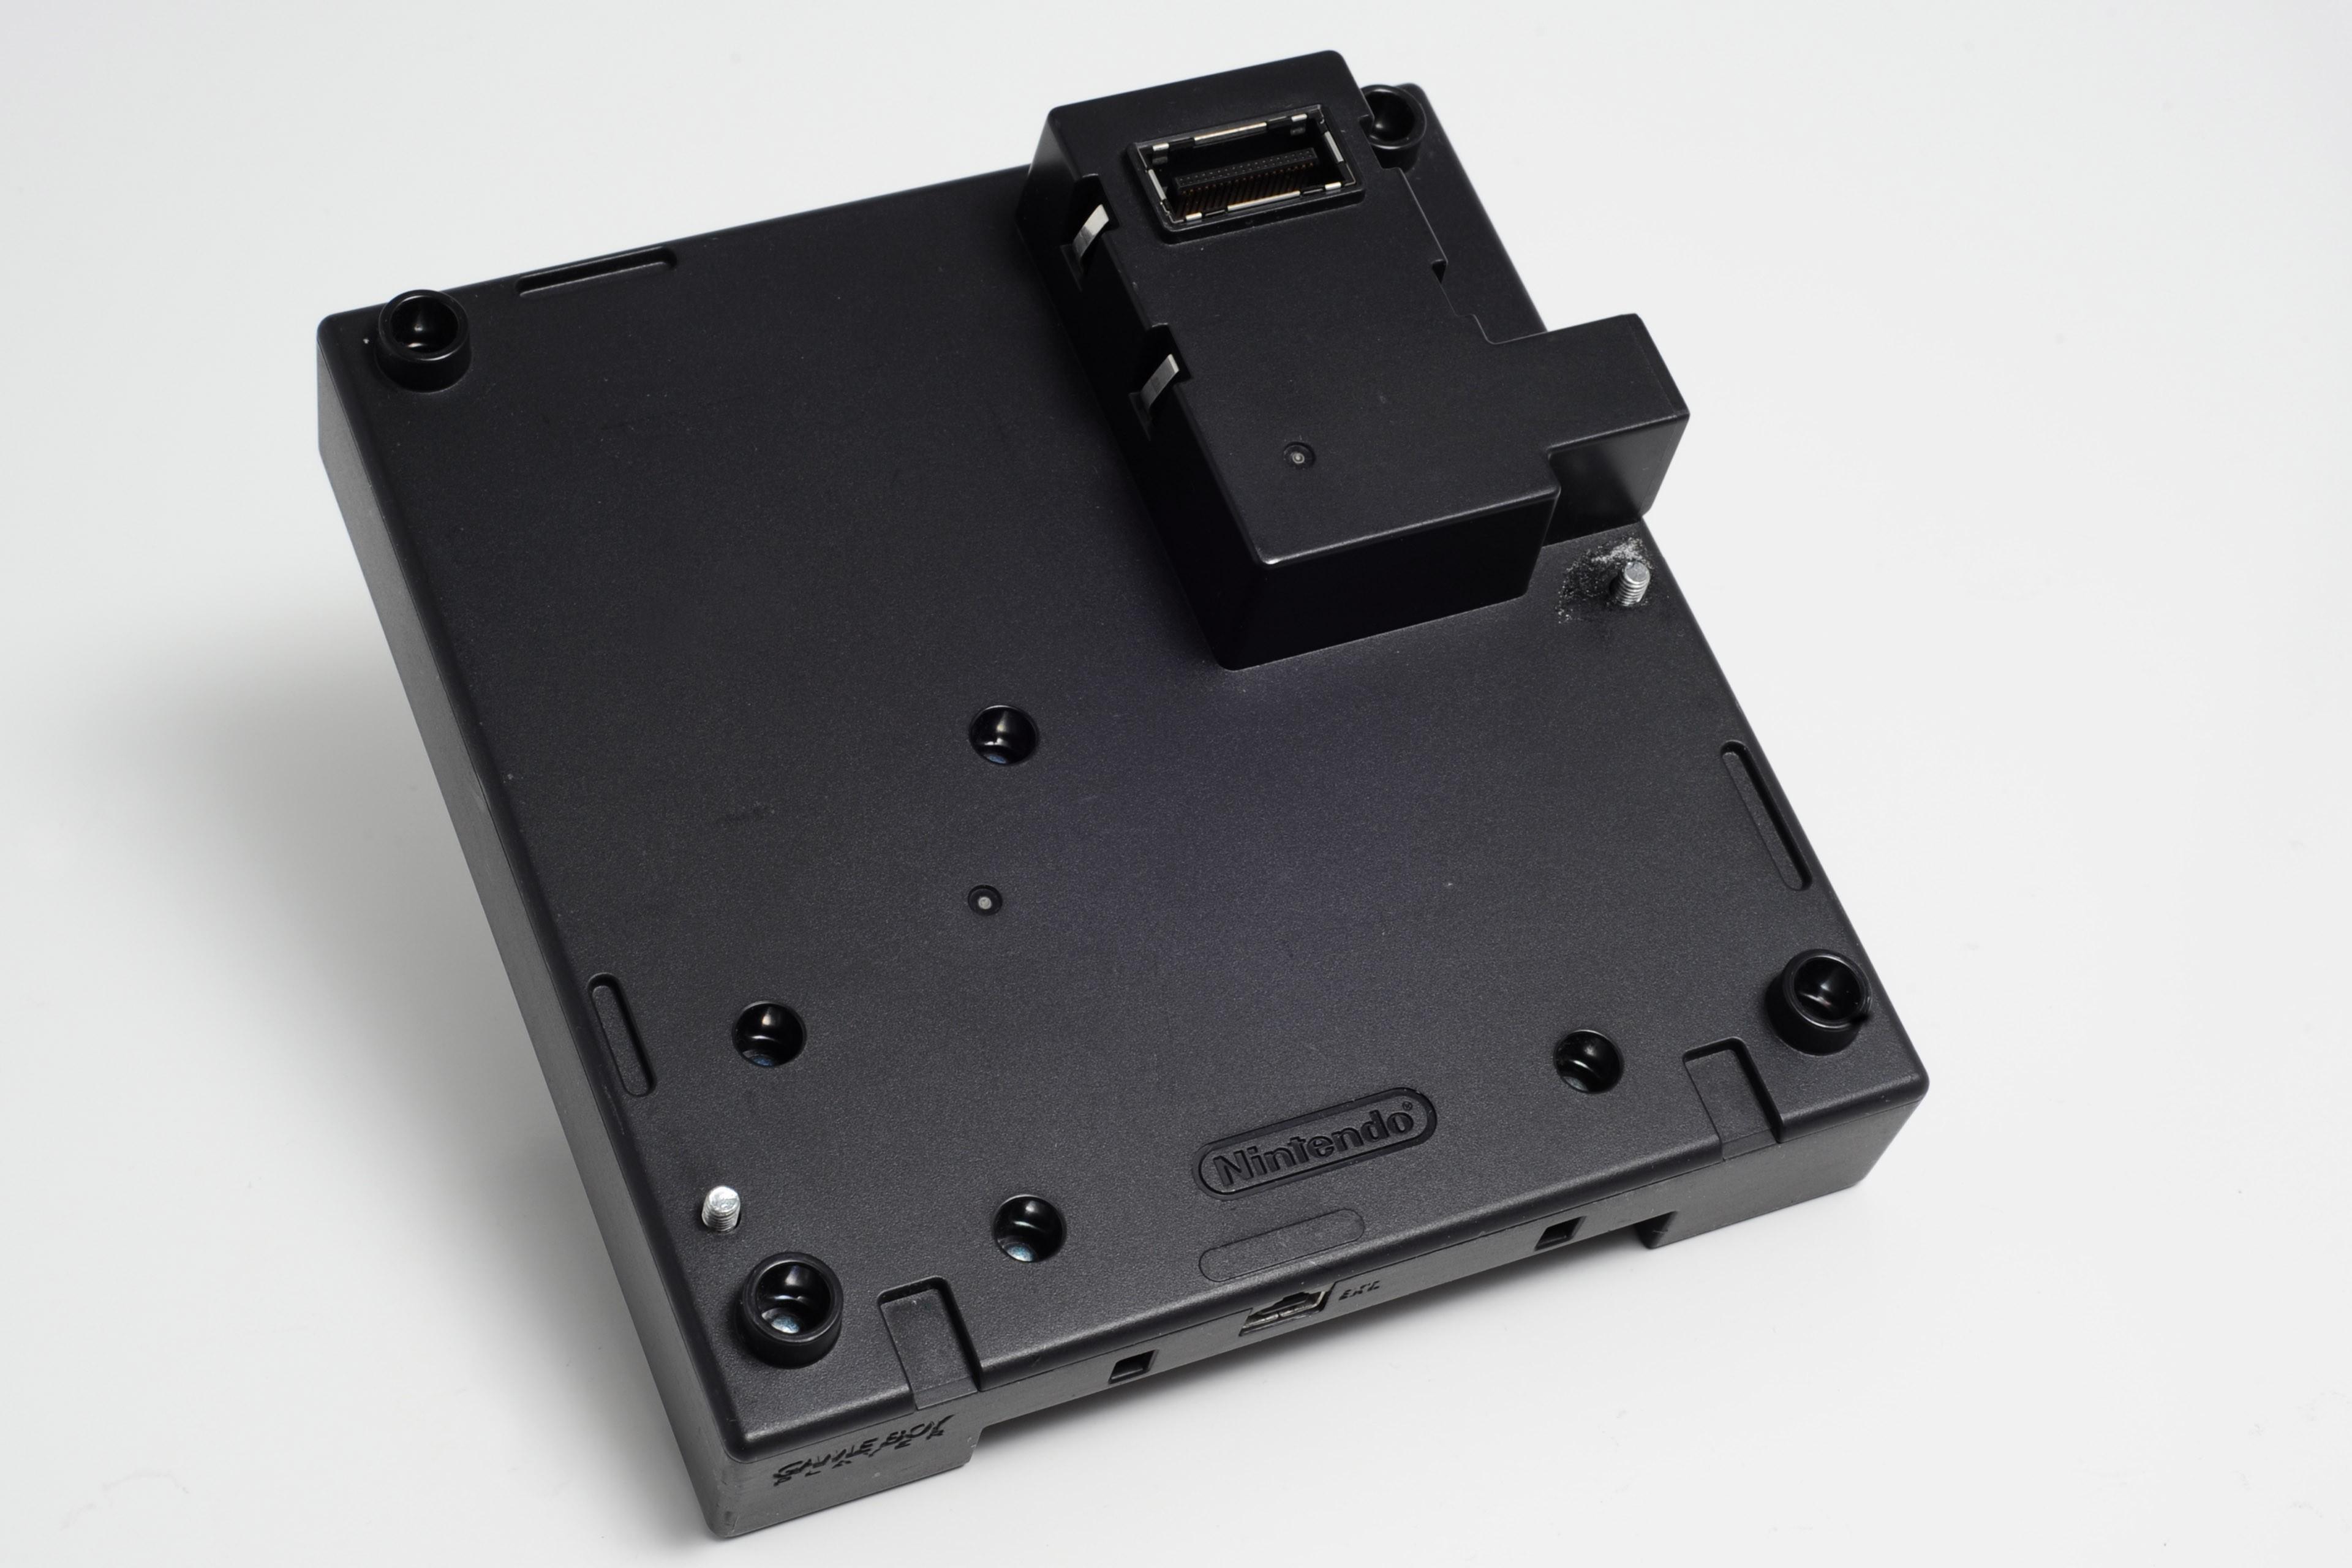 GameBoy Player original Nintendo sans le disque de démarrage